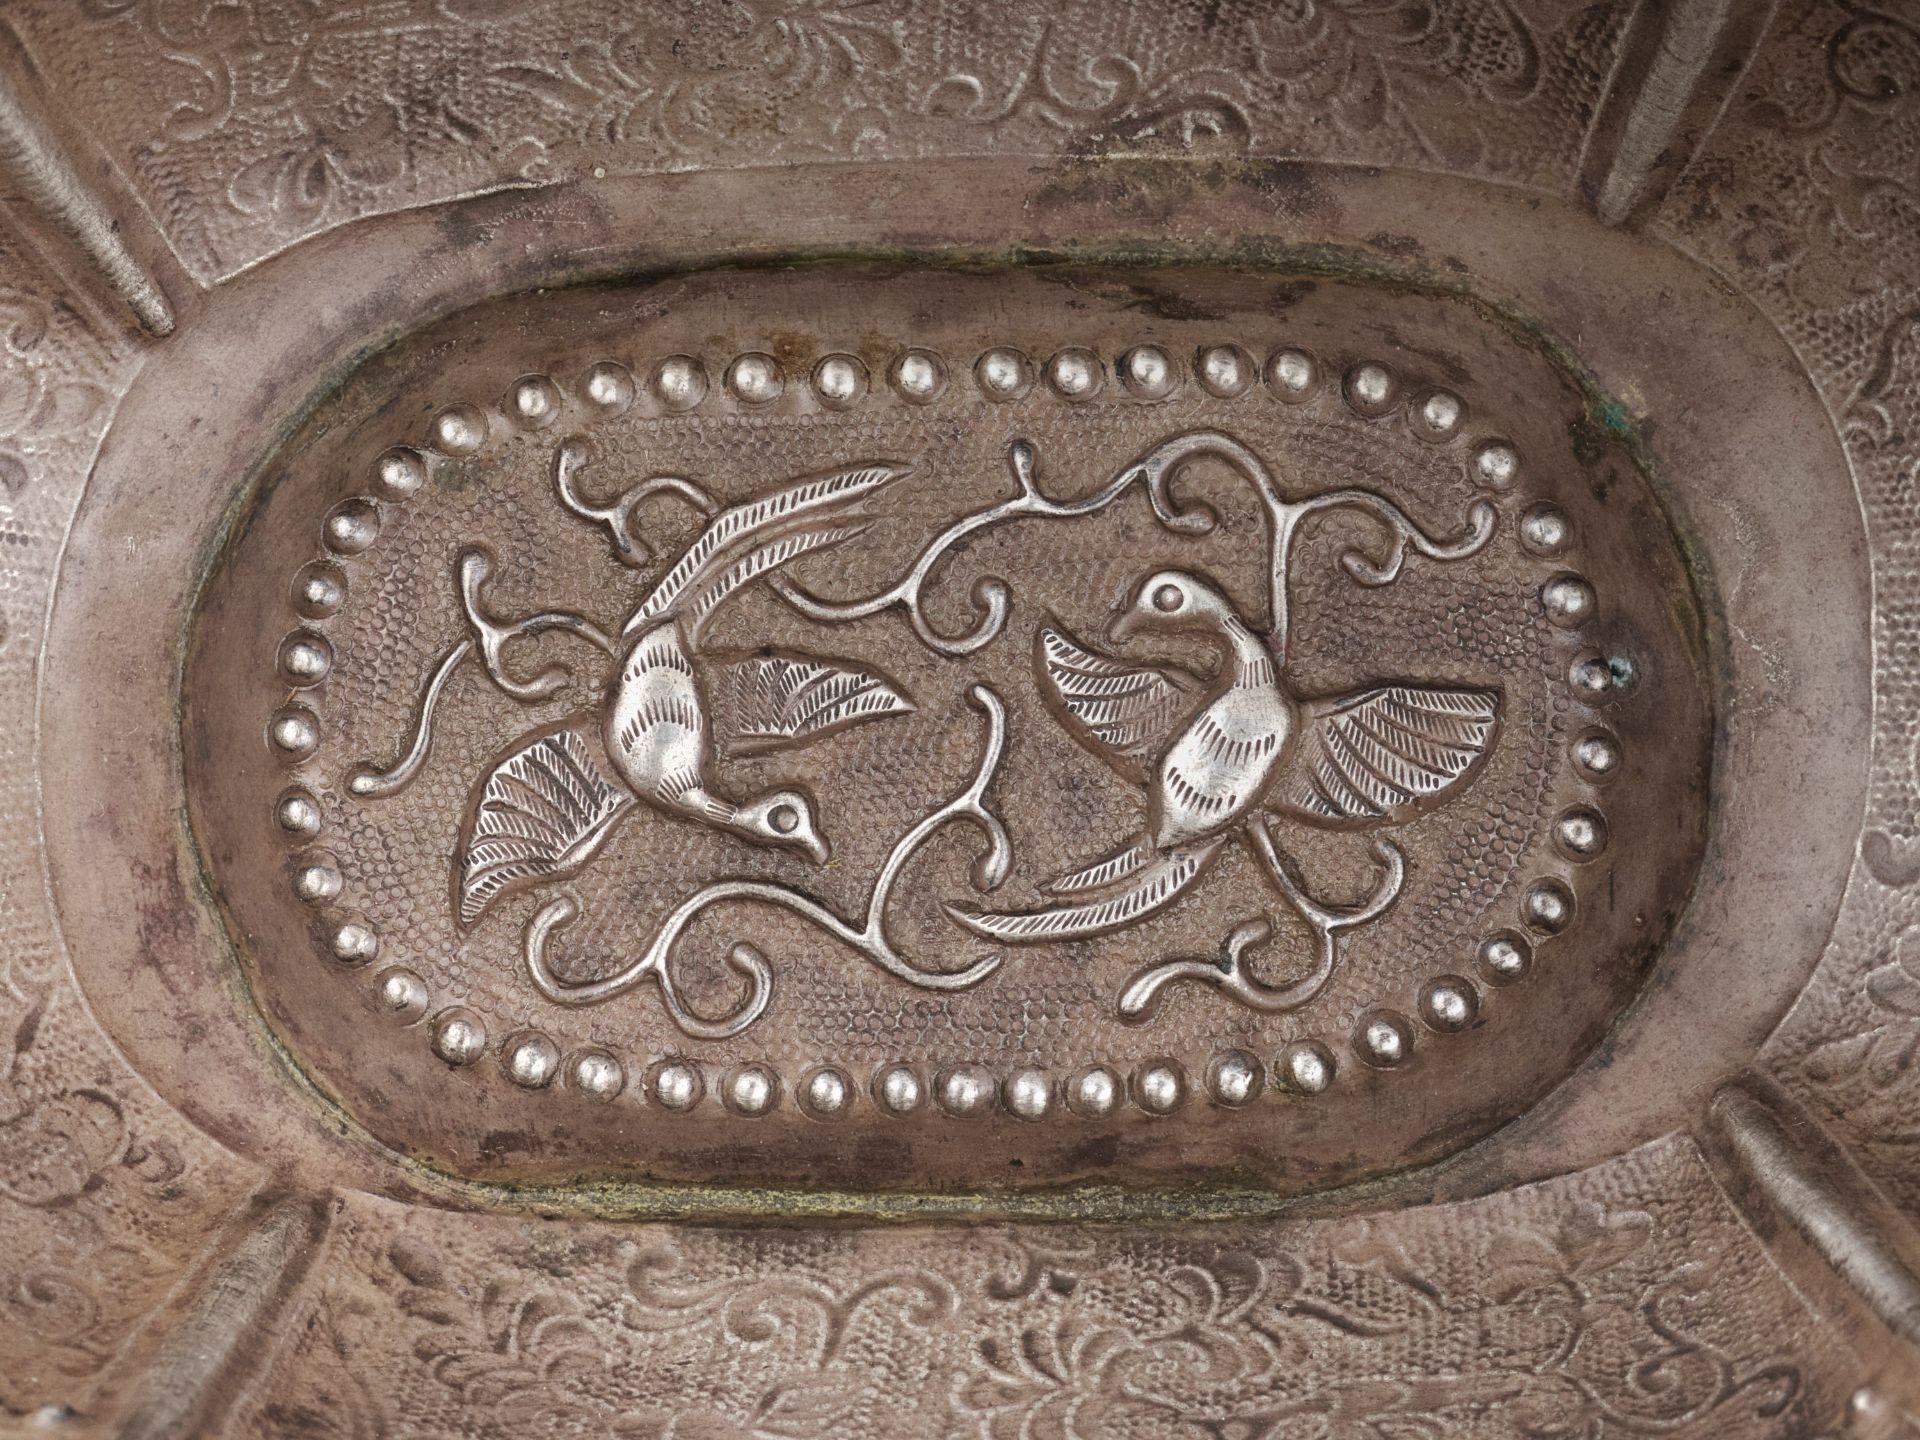 A SILVER REPOUSSE QUATREFOIL BOWL, MING DYNASTY - Bild 4 aus 8